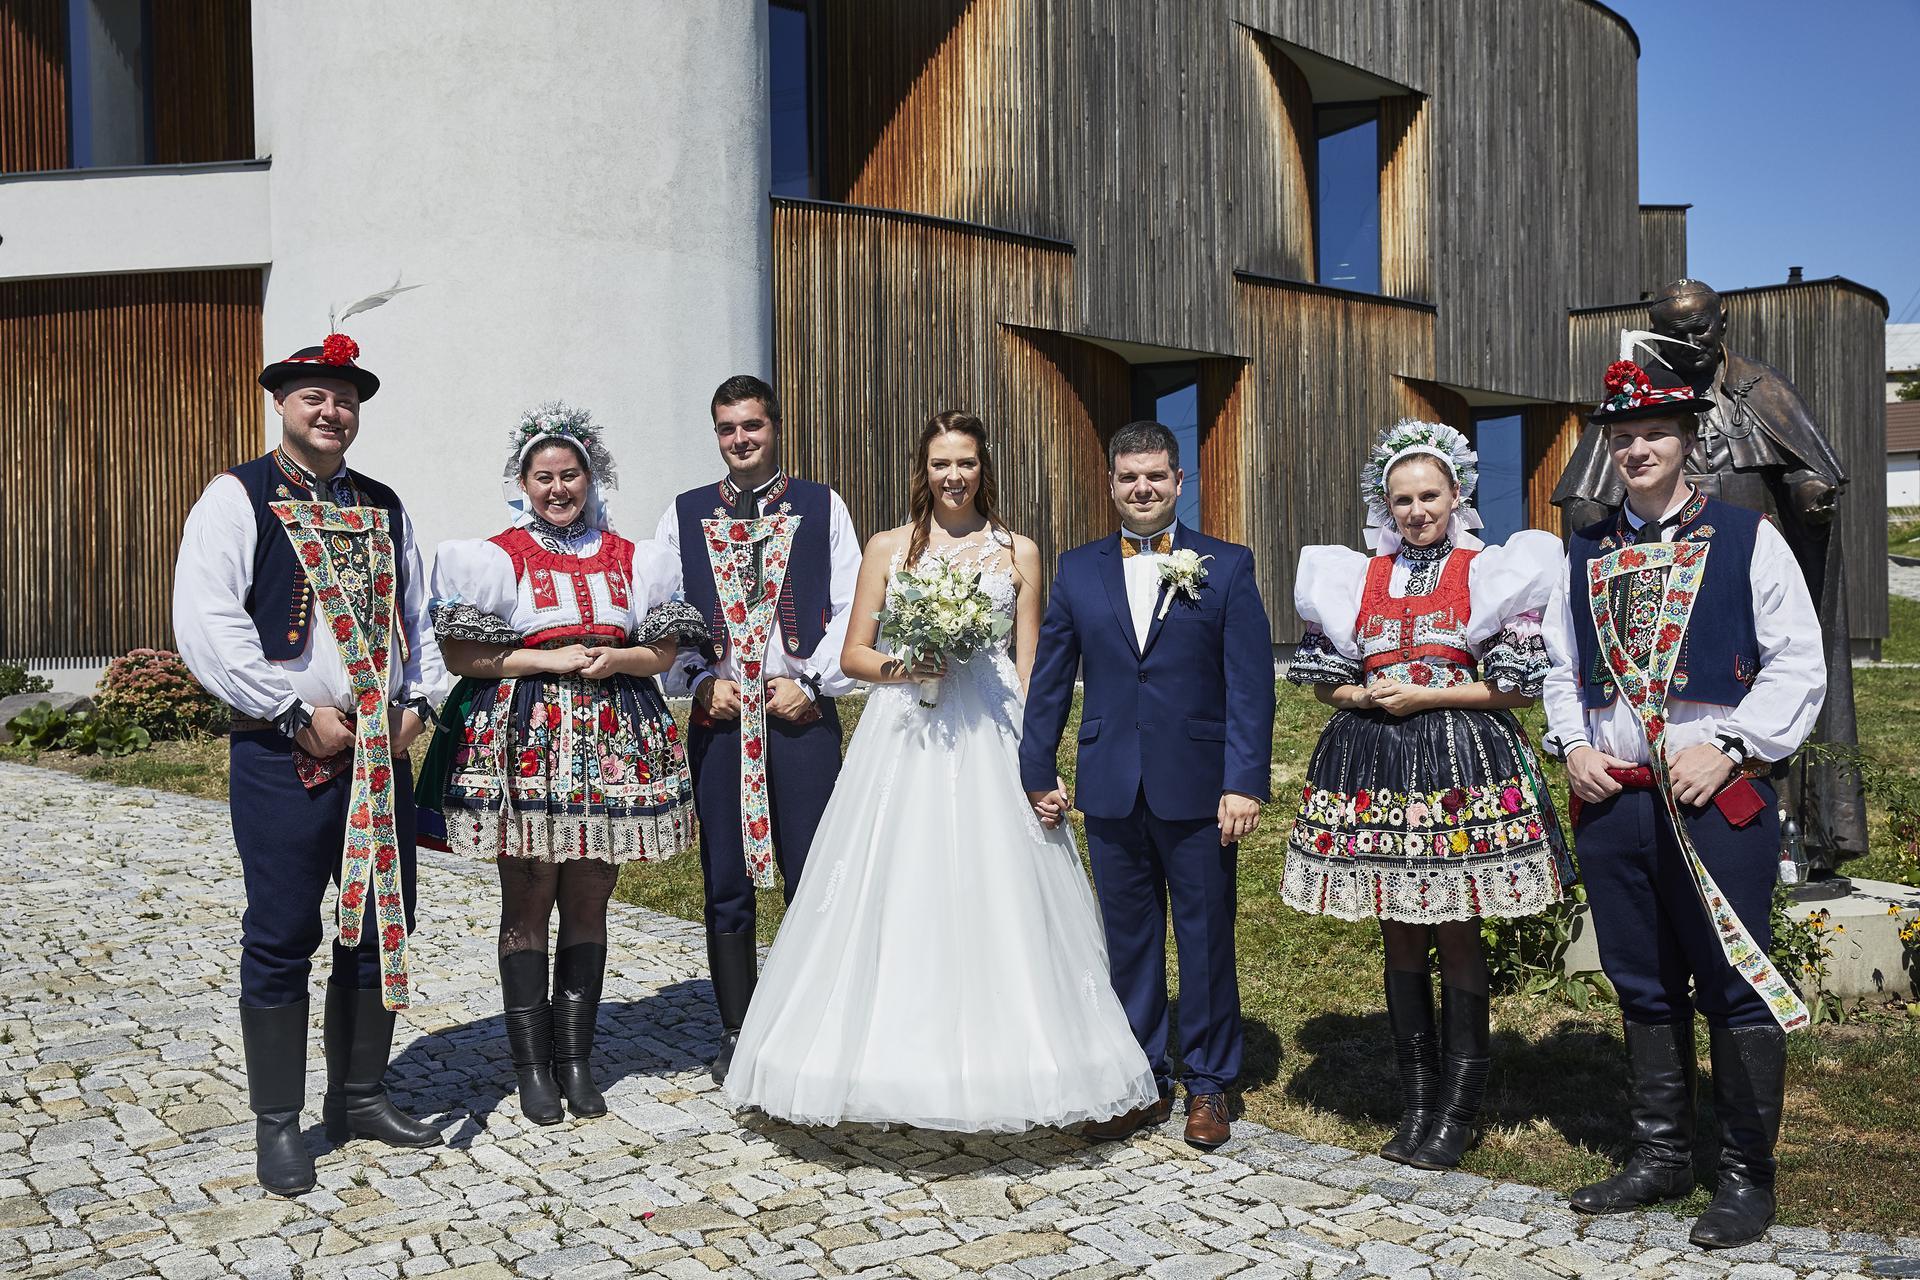 Naše slovácká svatba - S naší krojovanou bandou!